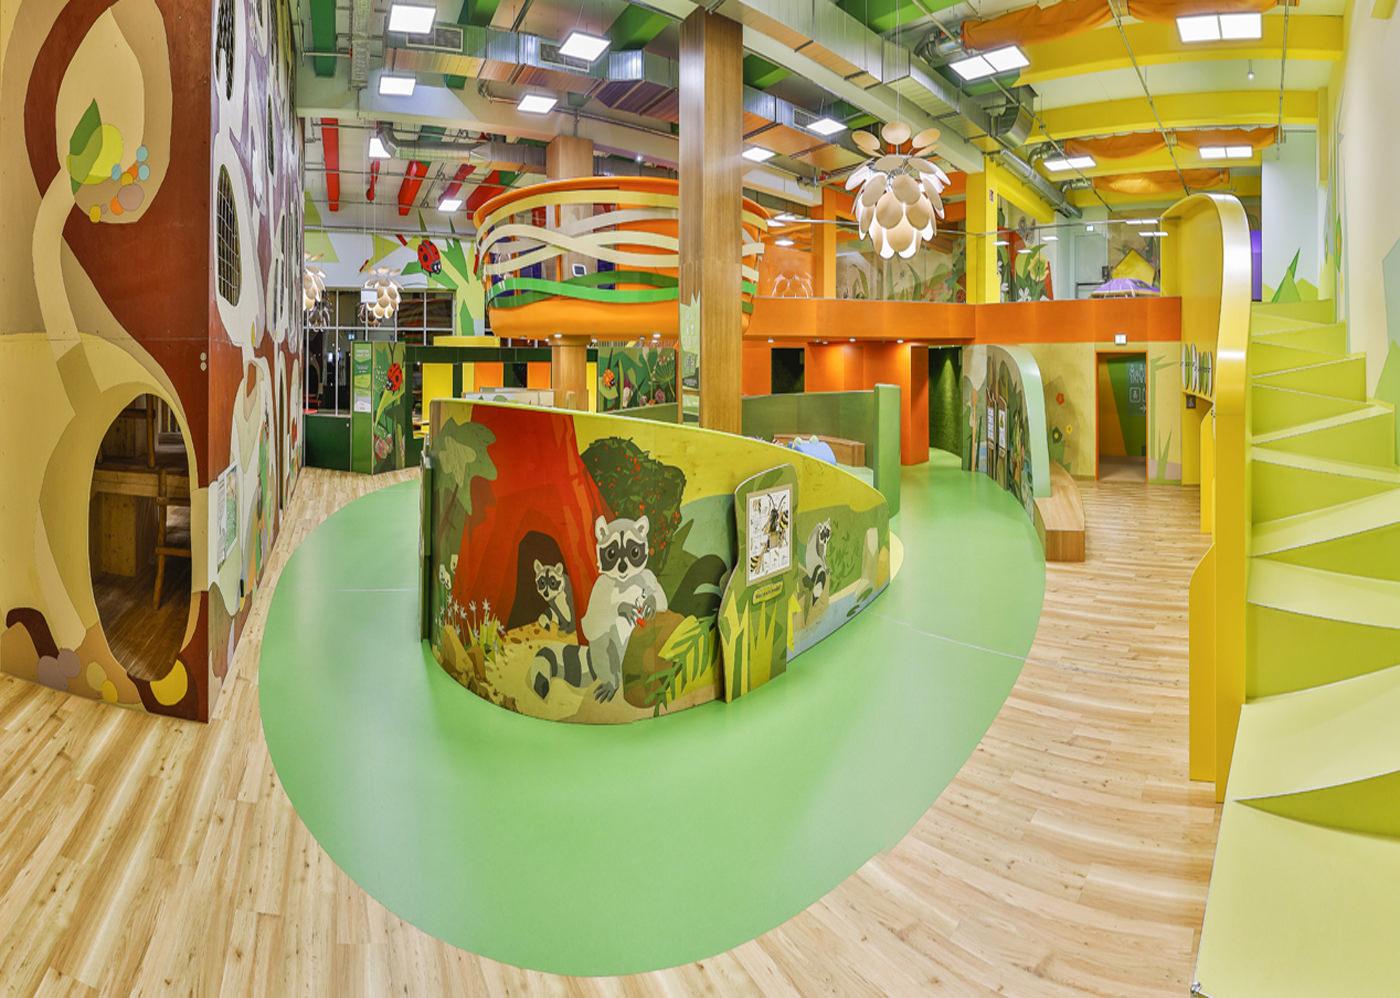 Kinder Erlebniswelt von Ravensburger im Centro Oberhausen